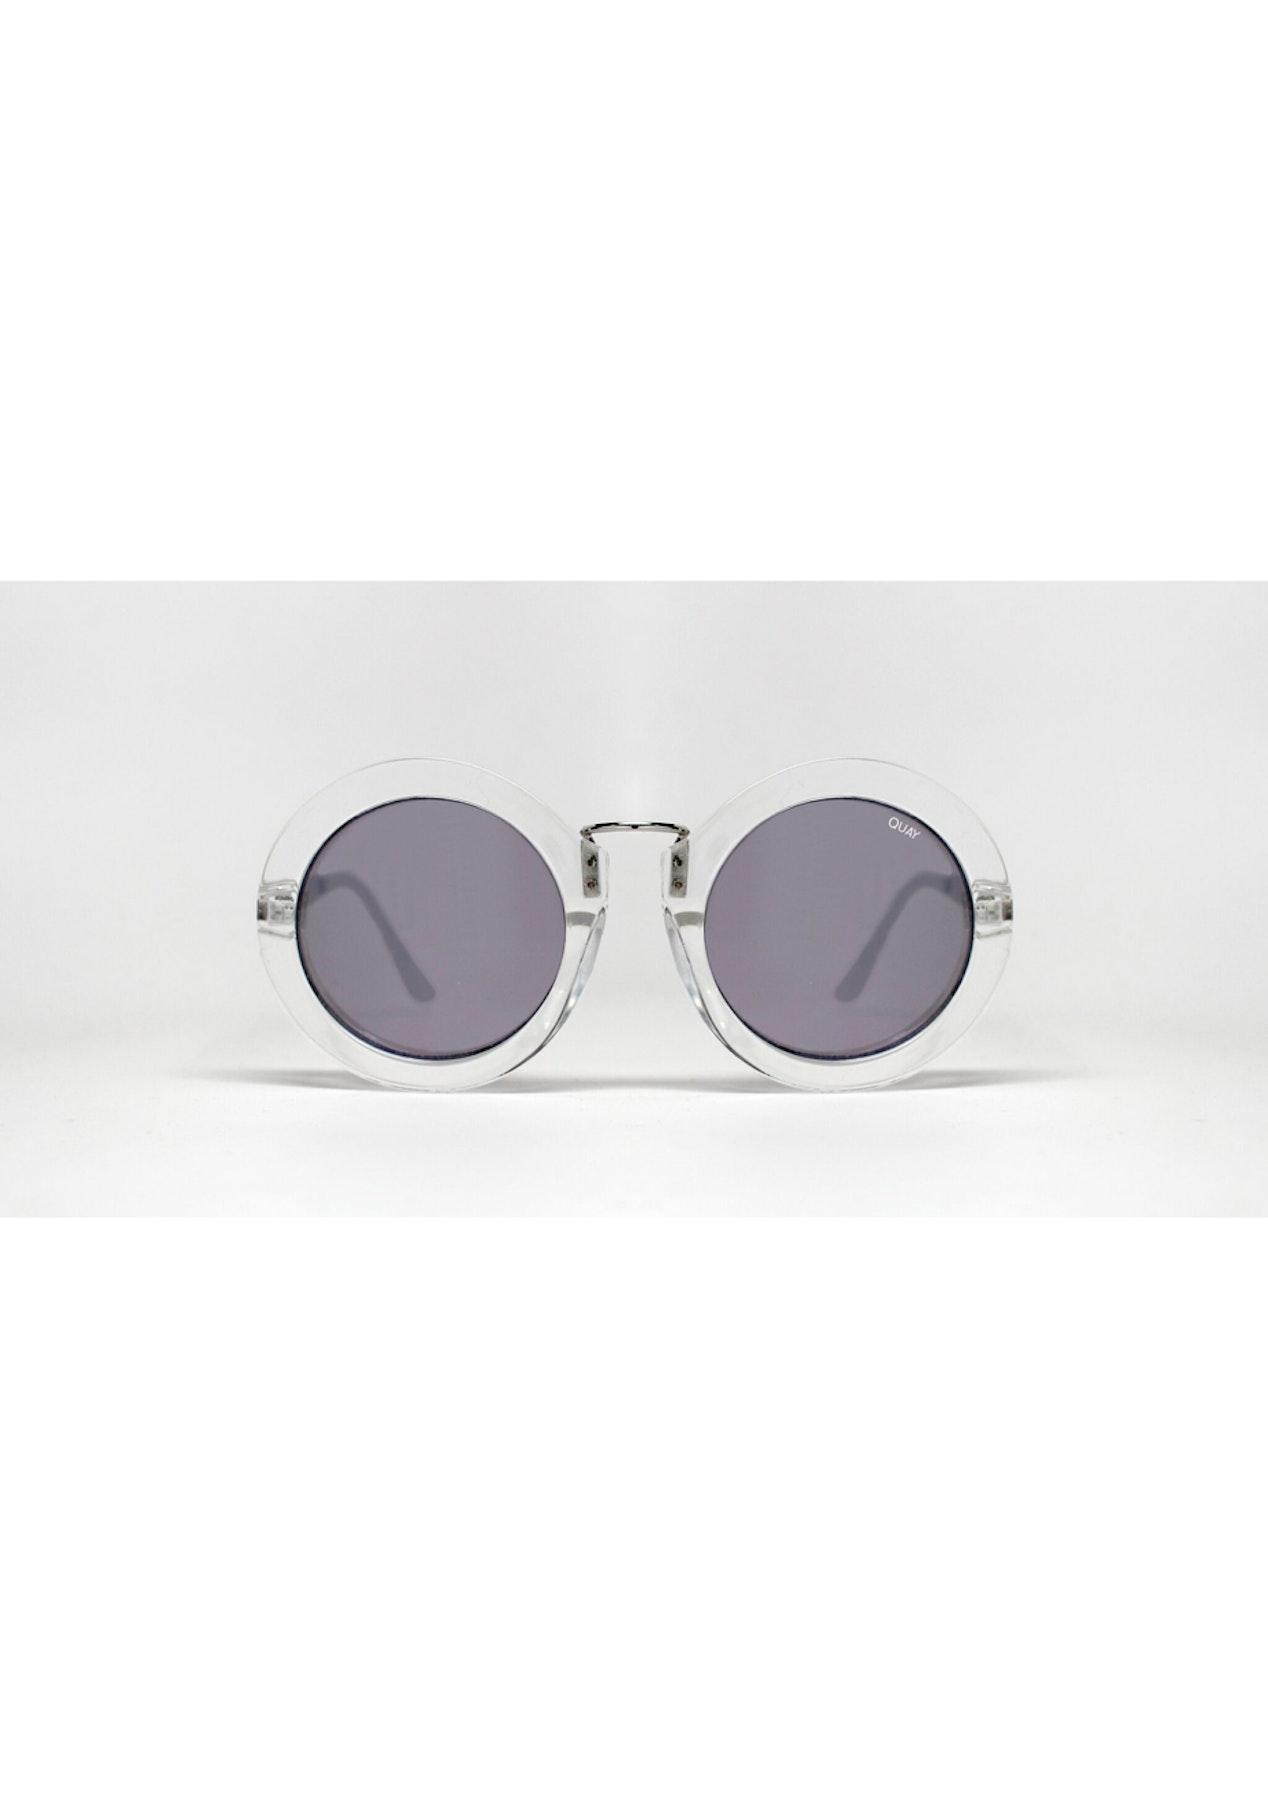 0100dfdef6 Quay - Life In Xanadu - Clear   Silver Mirror - Eyewear Clearance - Onceit